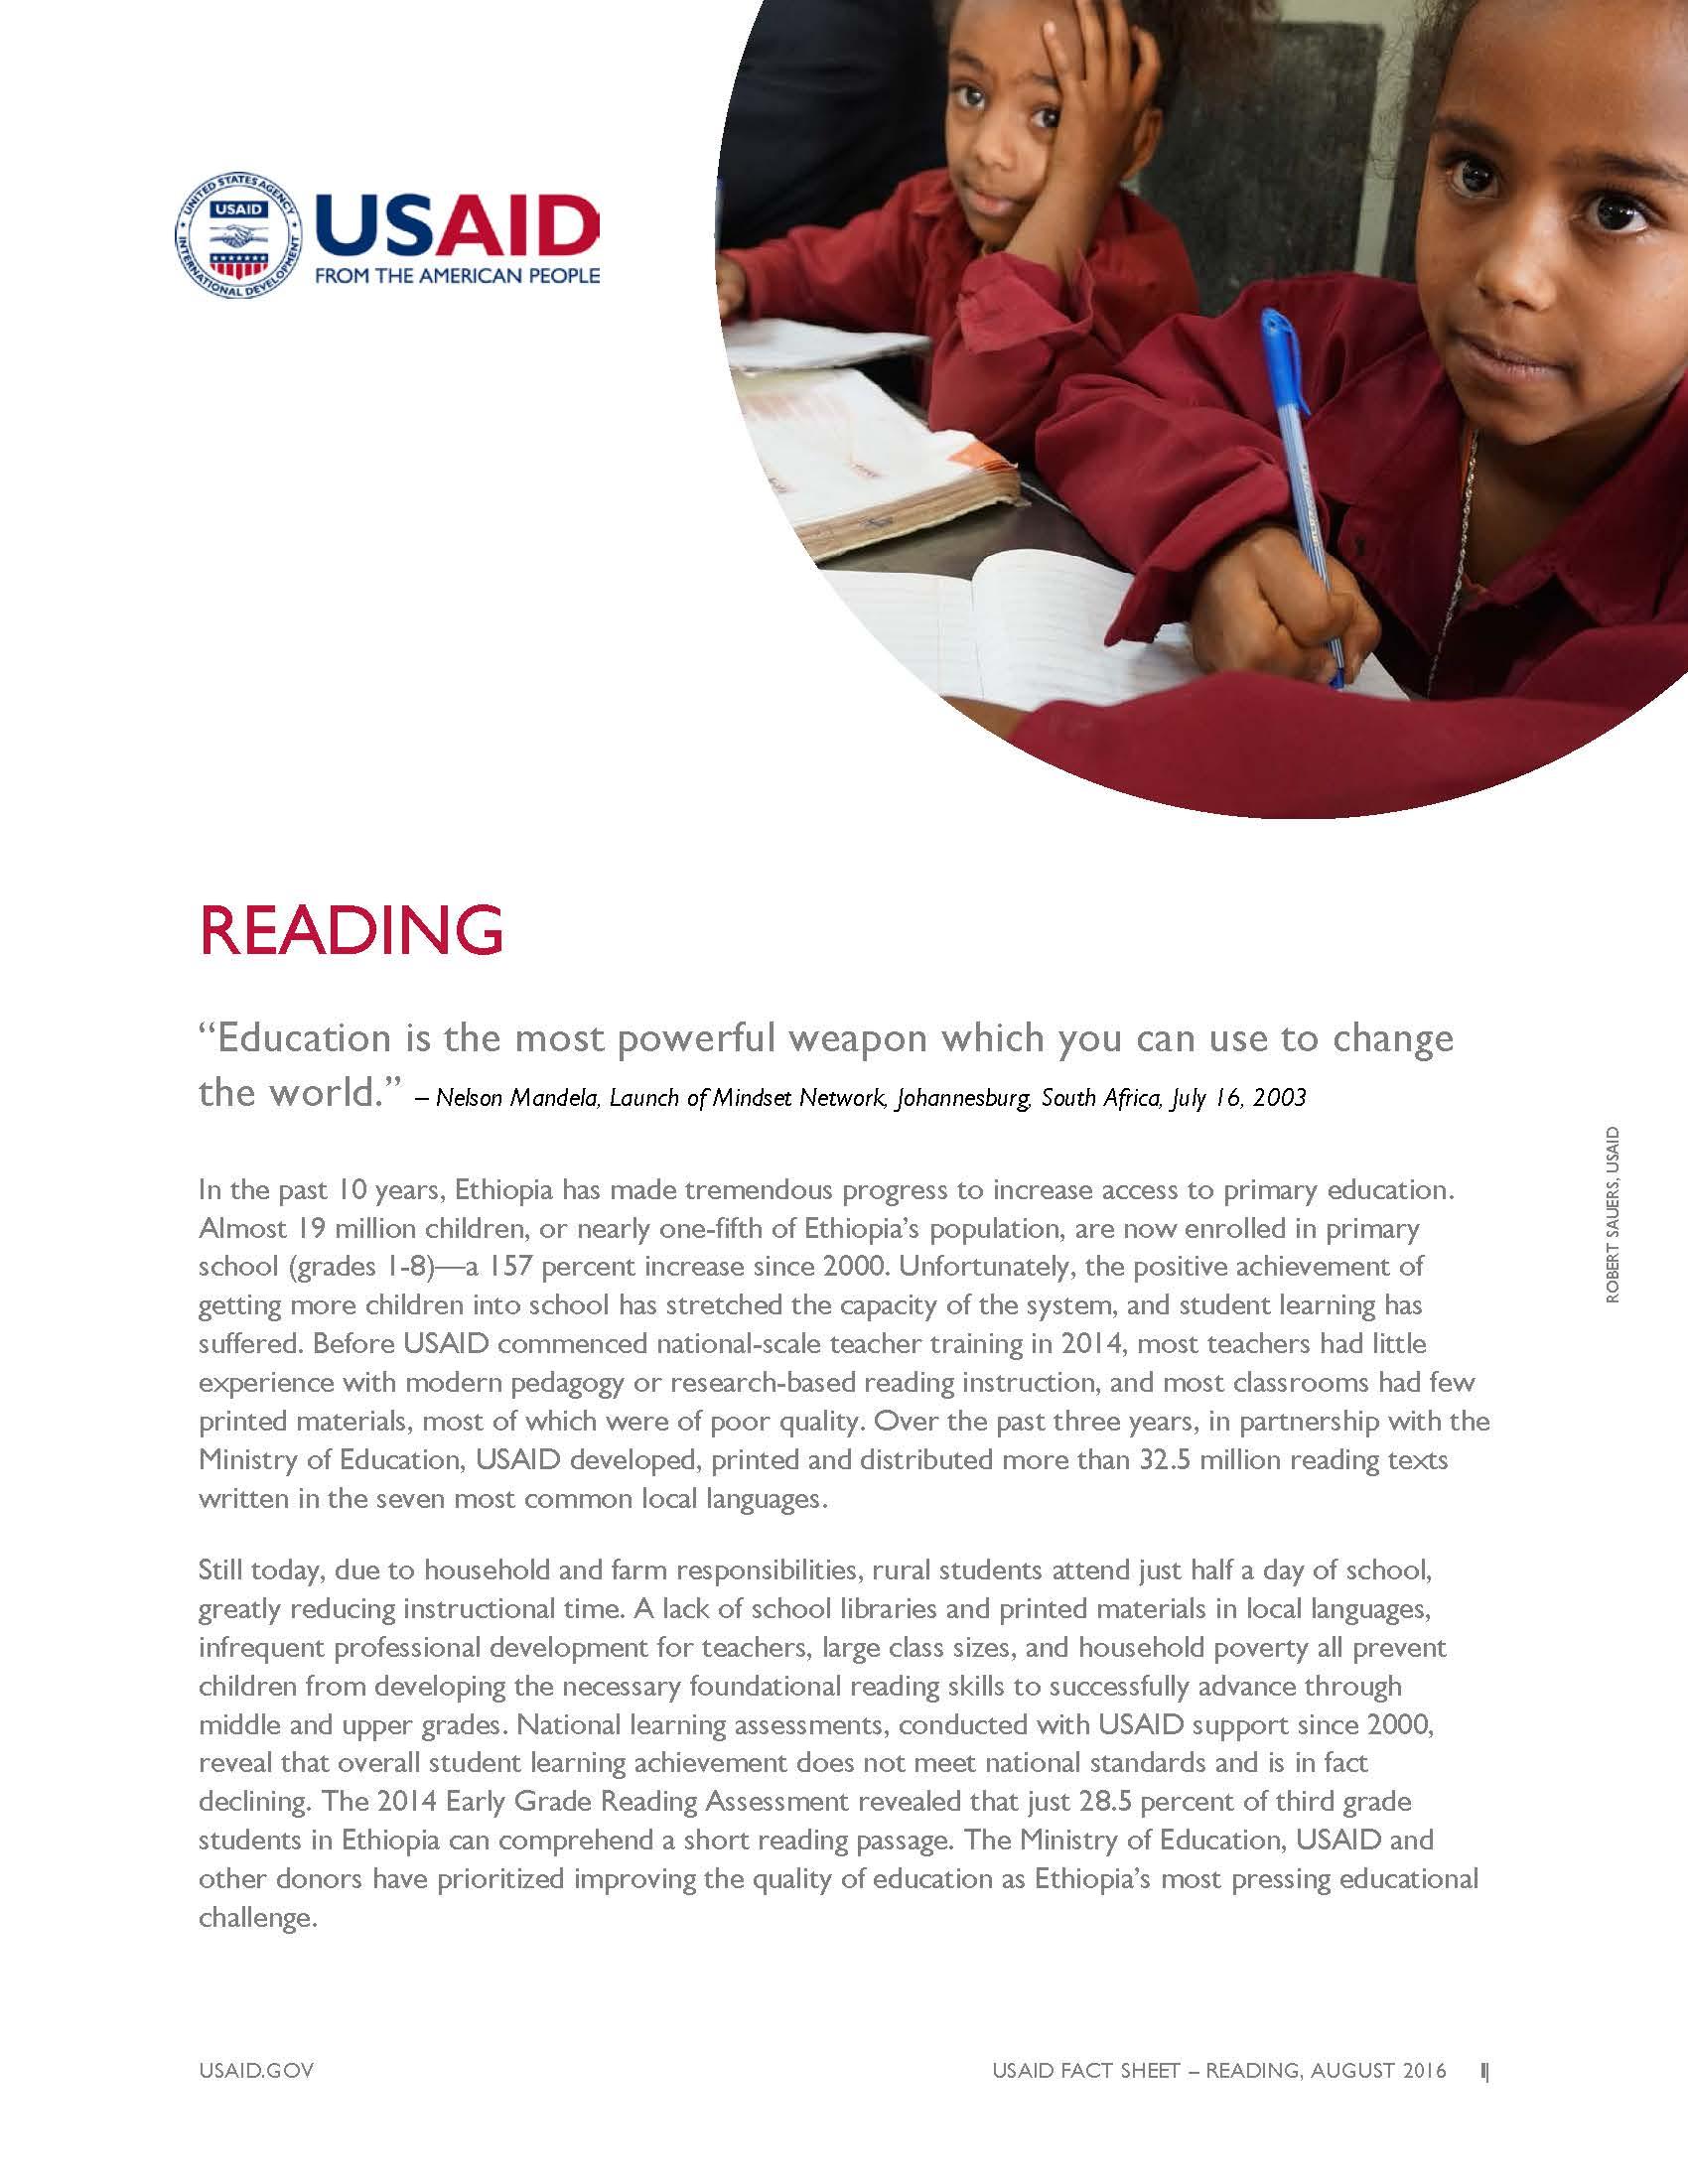 Ethiopia Reading Fact Sheet